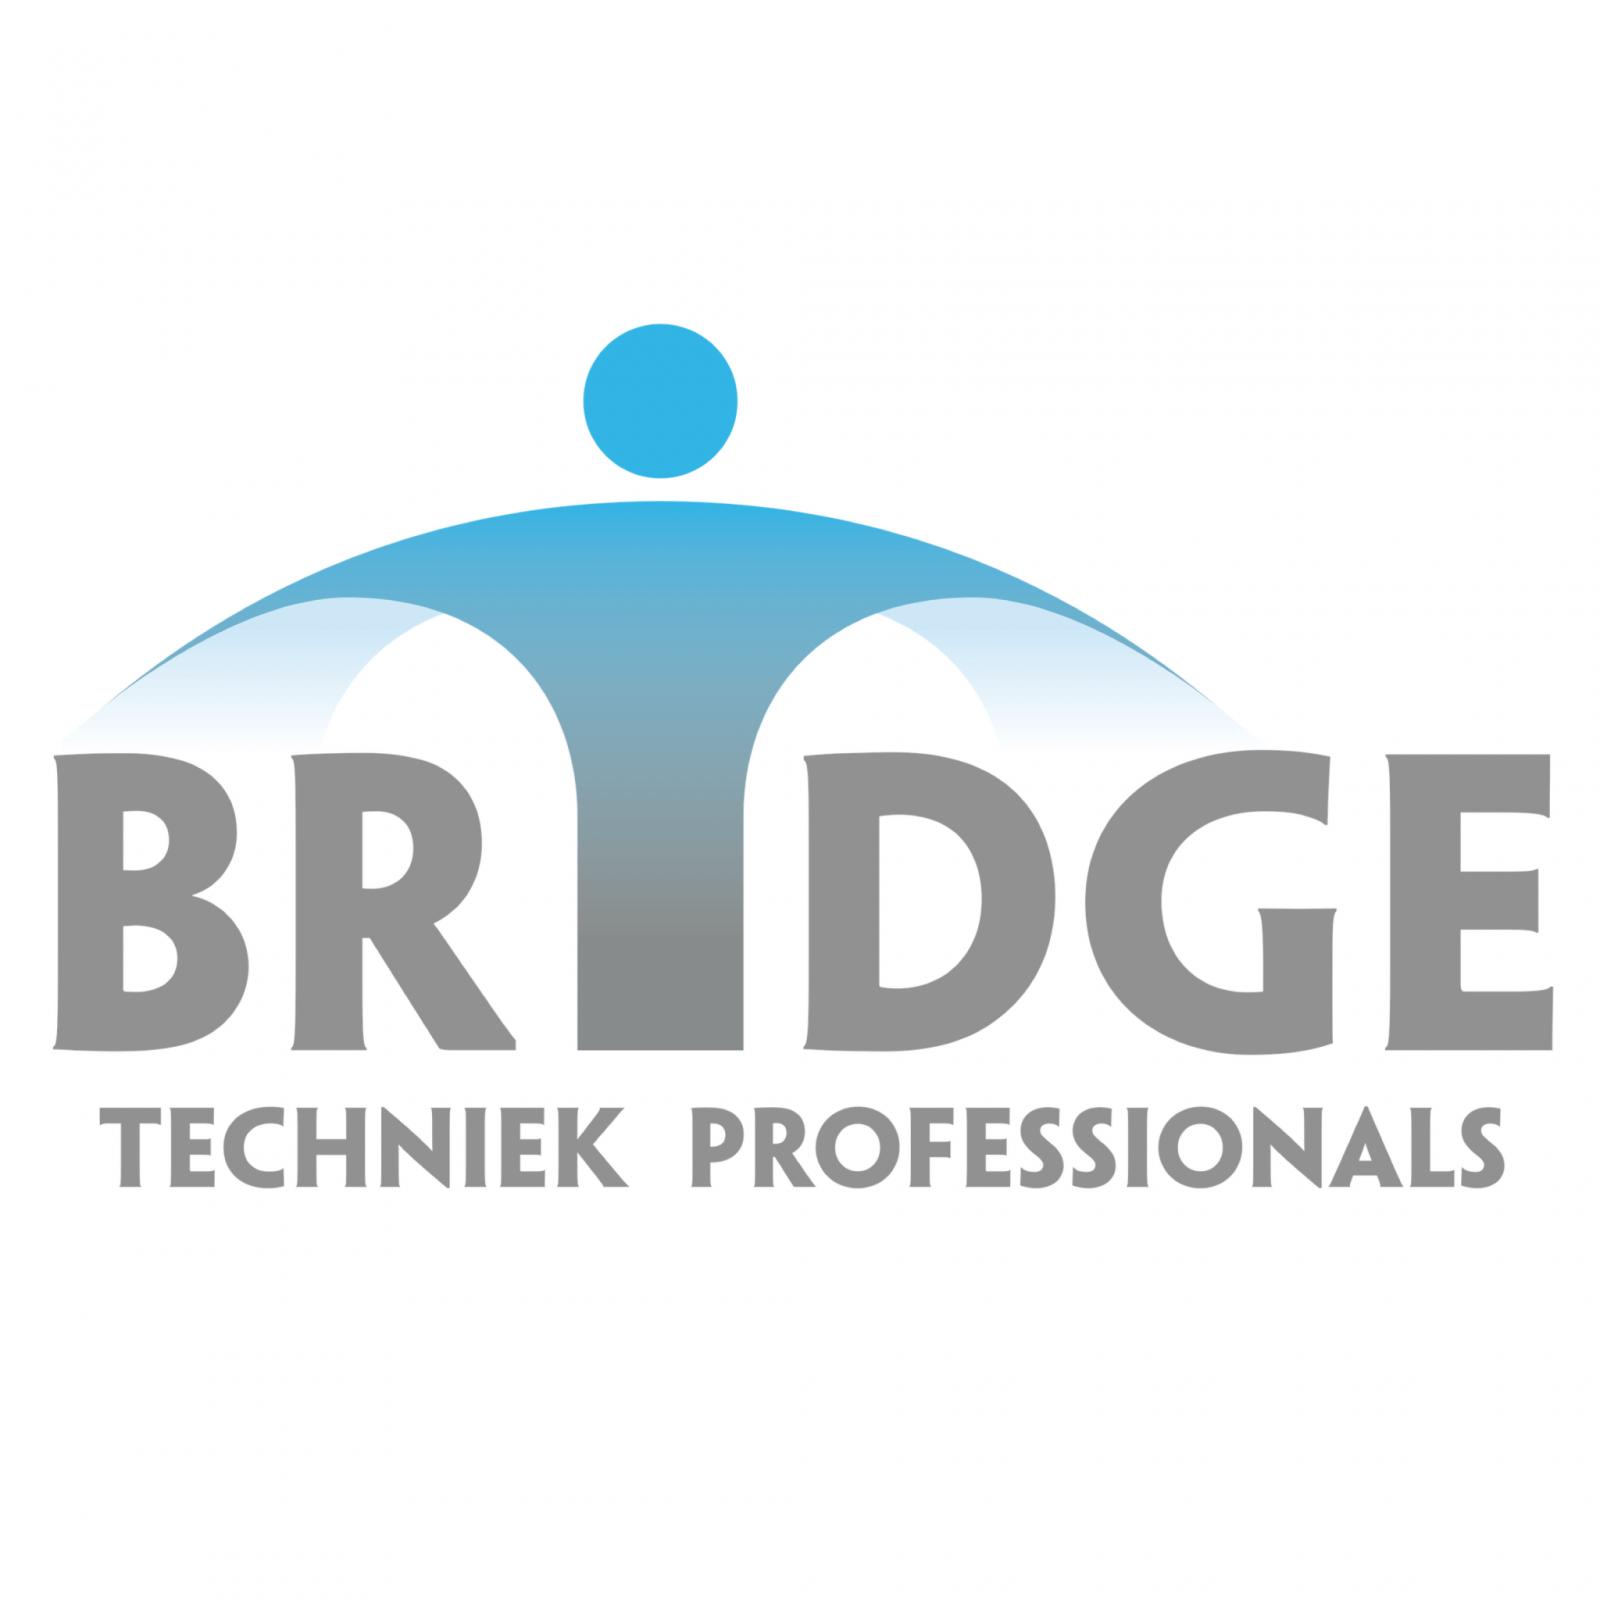 Bridge Techniek Professionals – Werving & Selectie, Detachering en ZZP Bemiddeling in de Techniek!